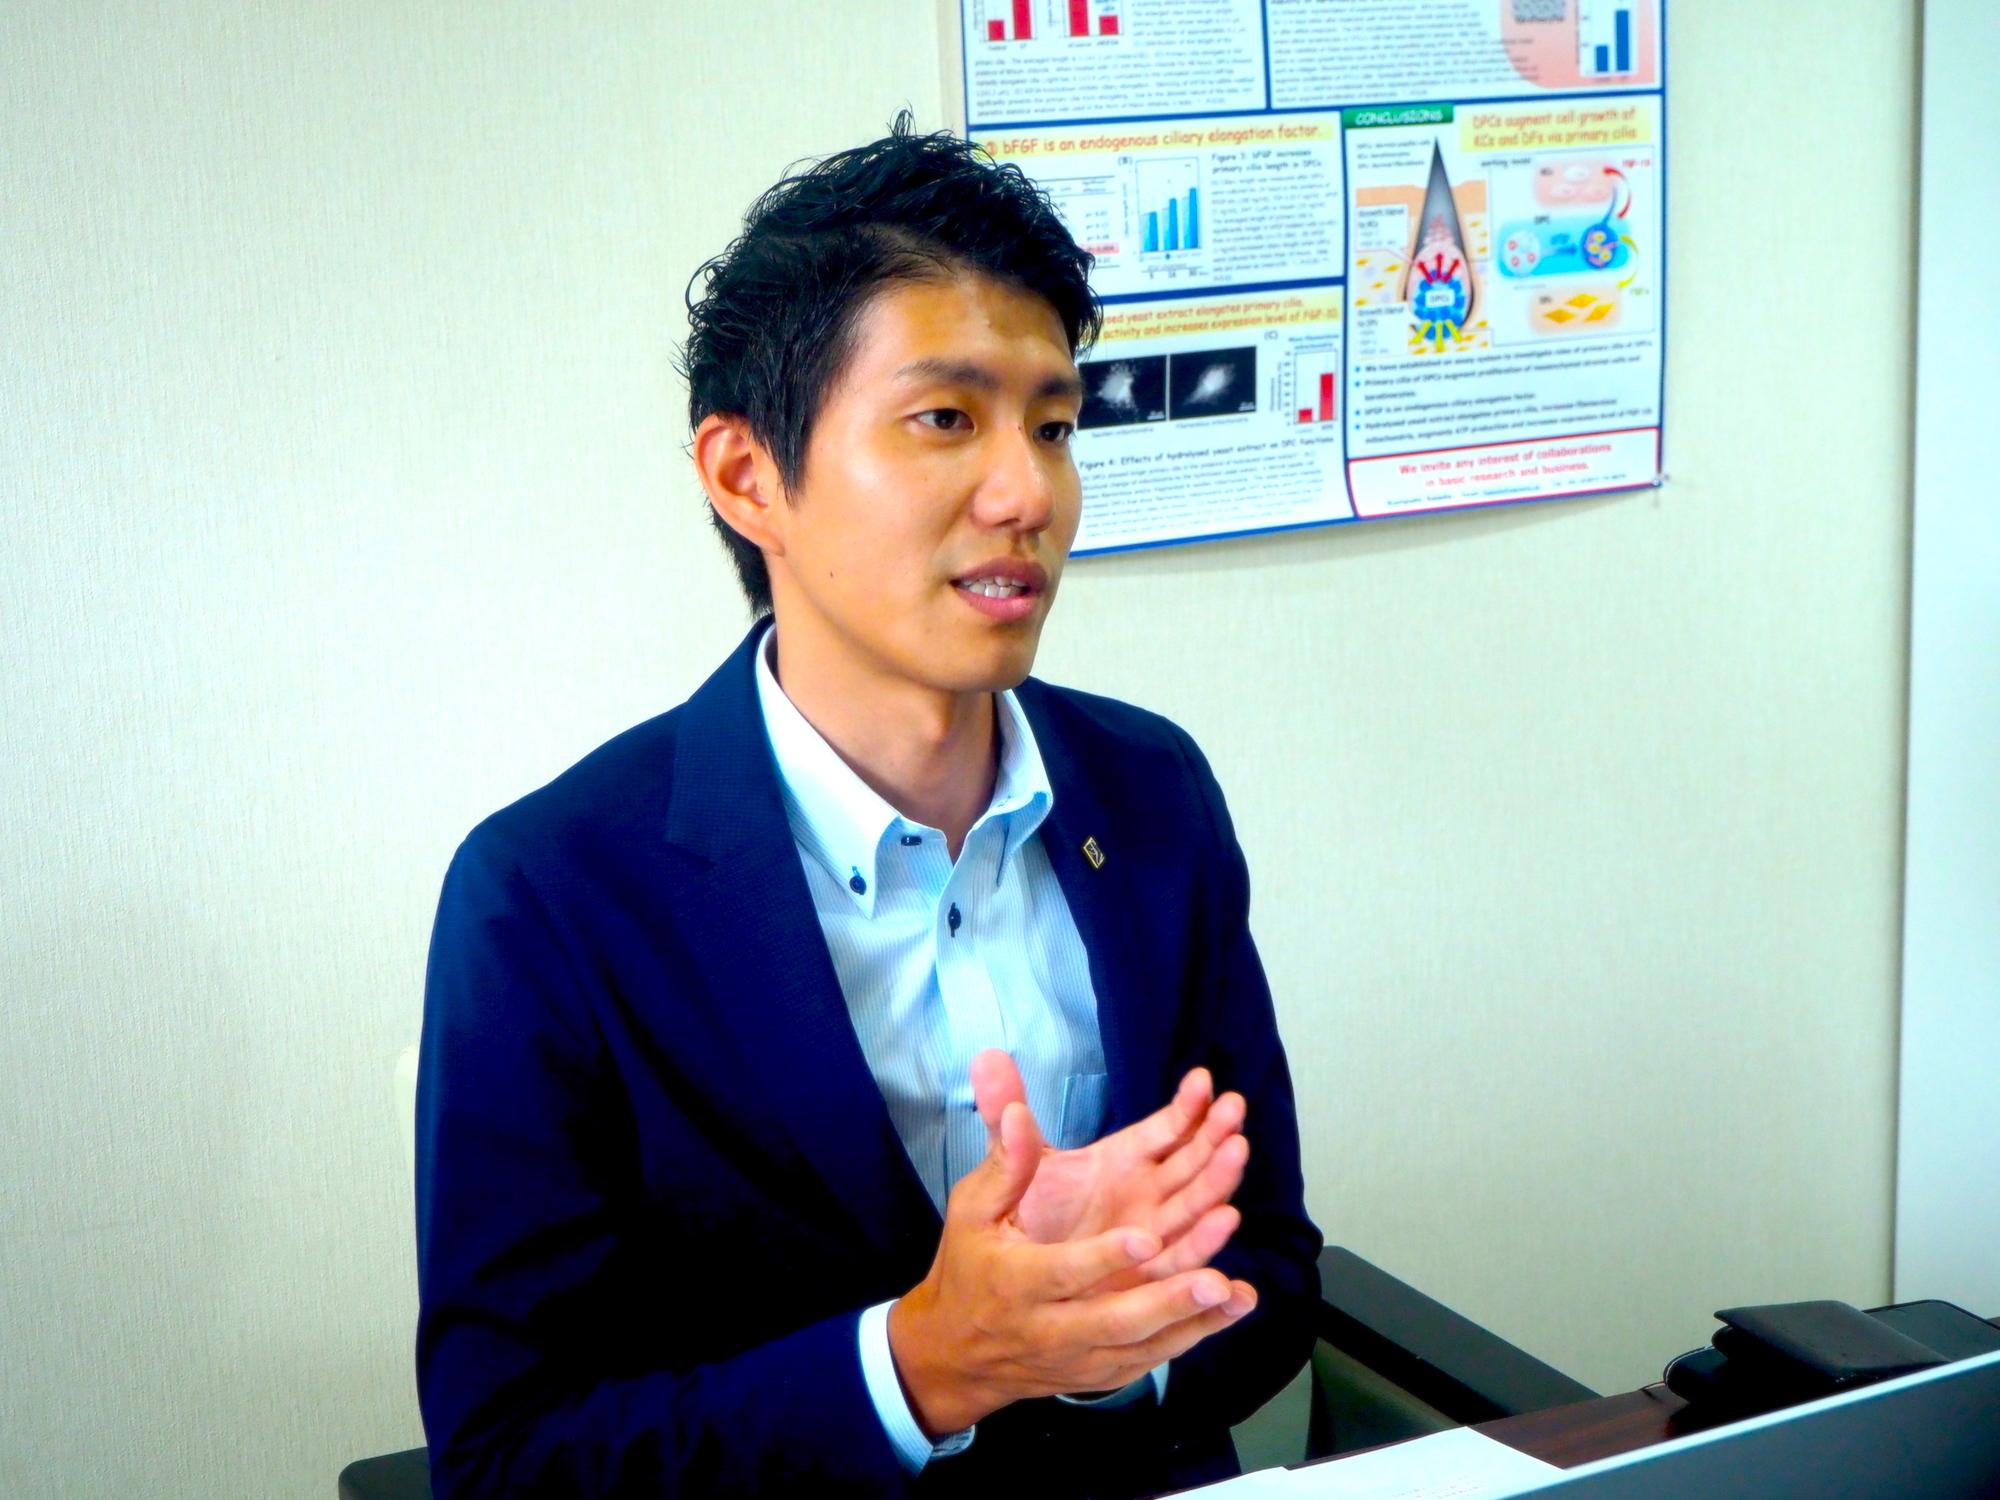 株式会社サラヴィオ濱田社長の写真